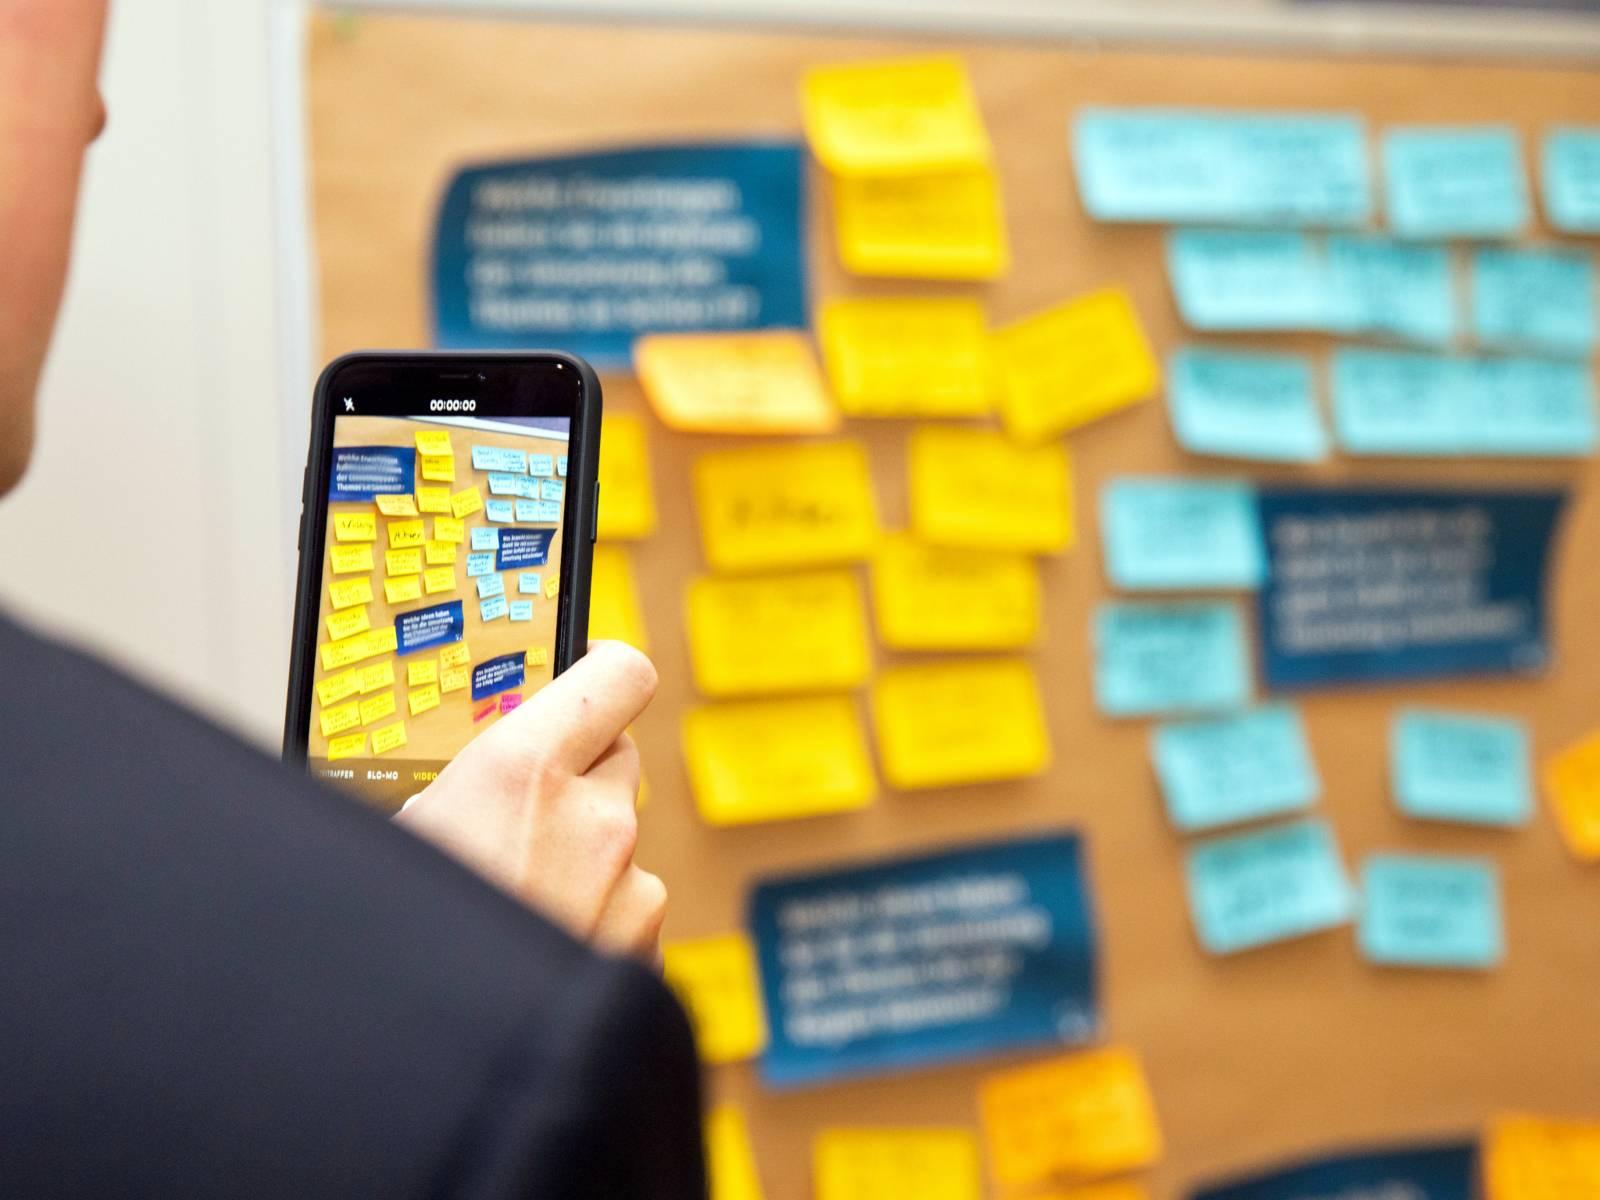 Ein Mann Film eine Metaplanwand, an der Metaplanwand pappen Zettel und Kärtchen in verschiedenen Farben und unterschiedlich beschriftet.